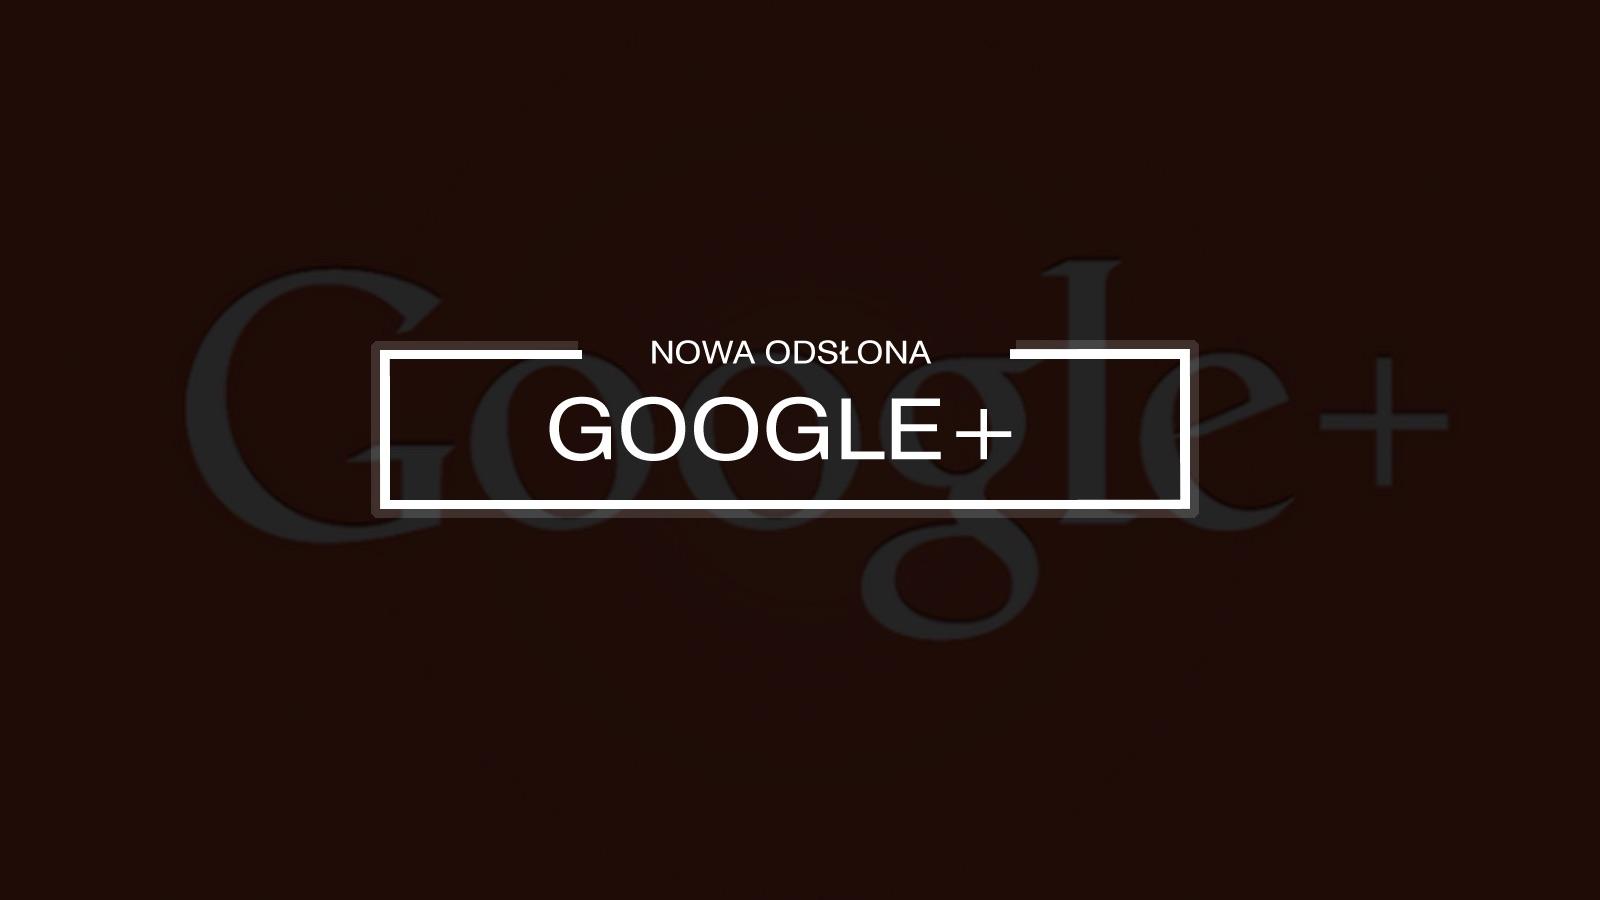 Co zmieniło się w nowej wersji Google+